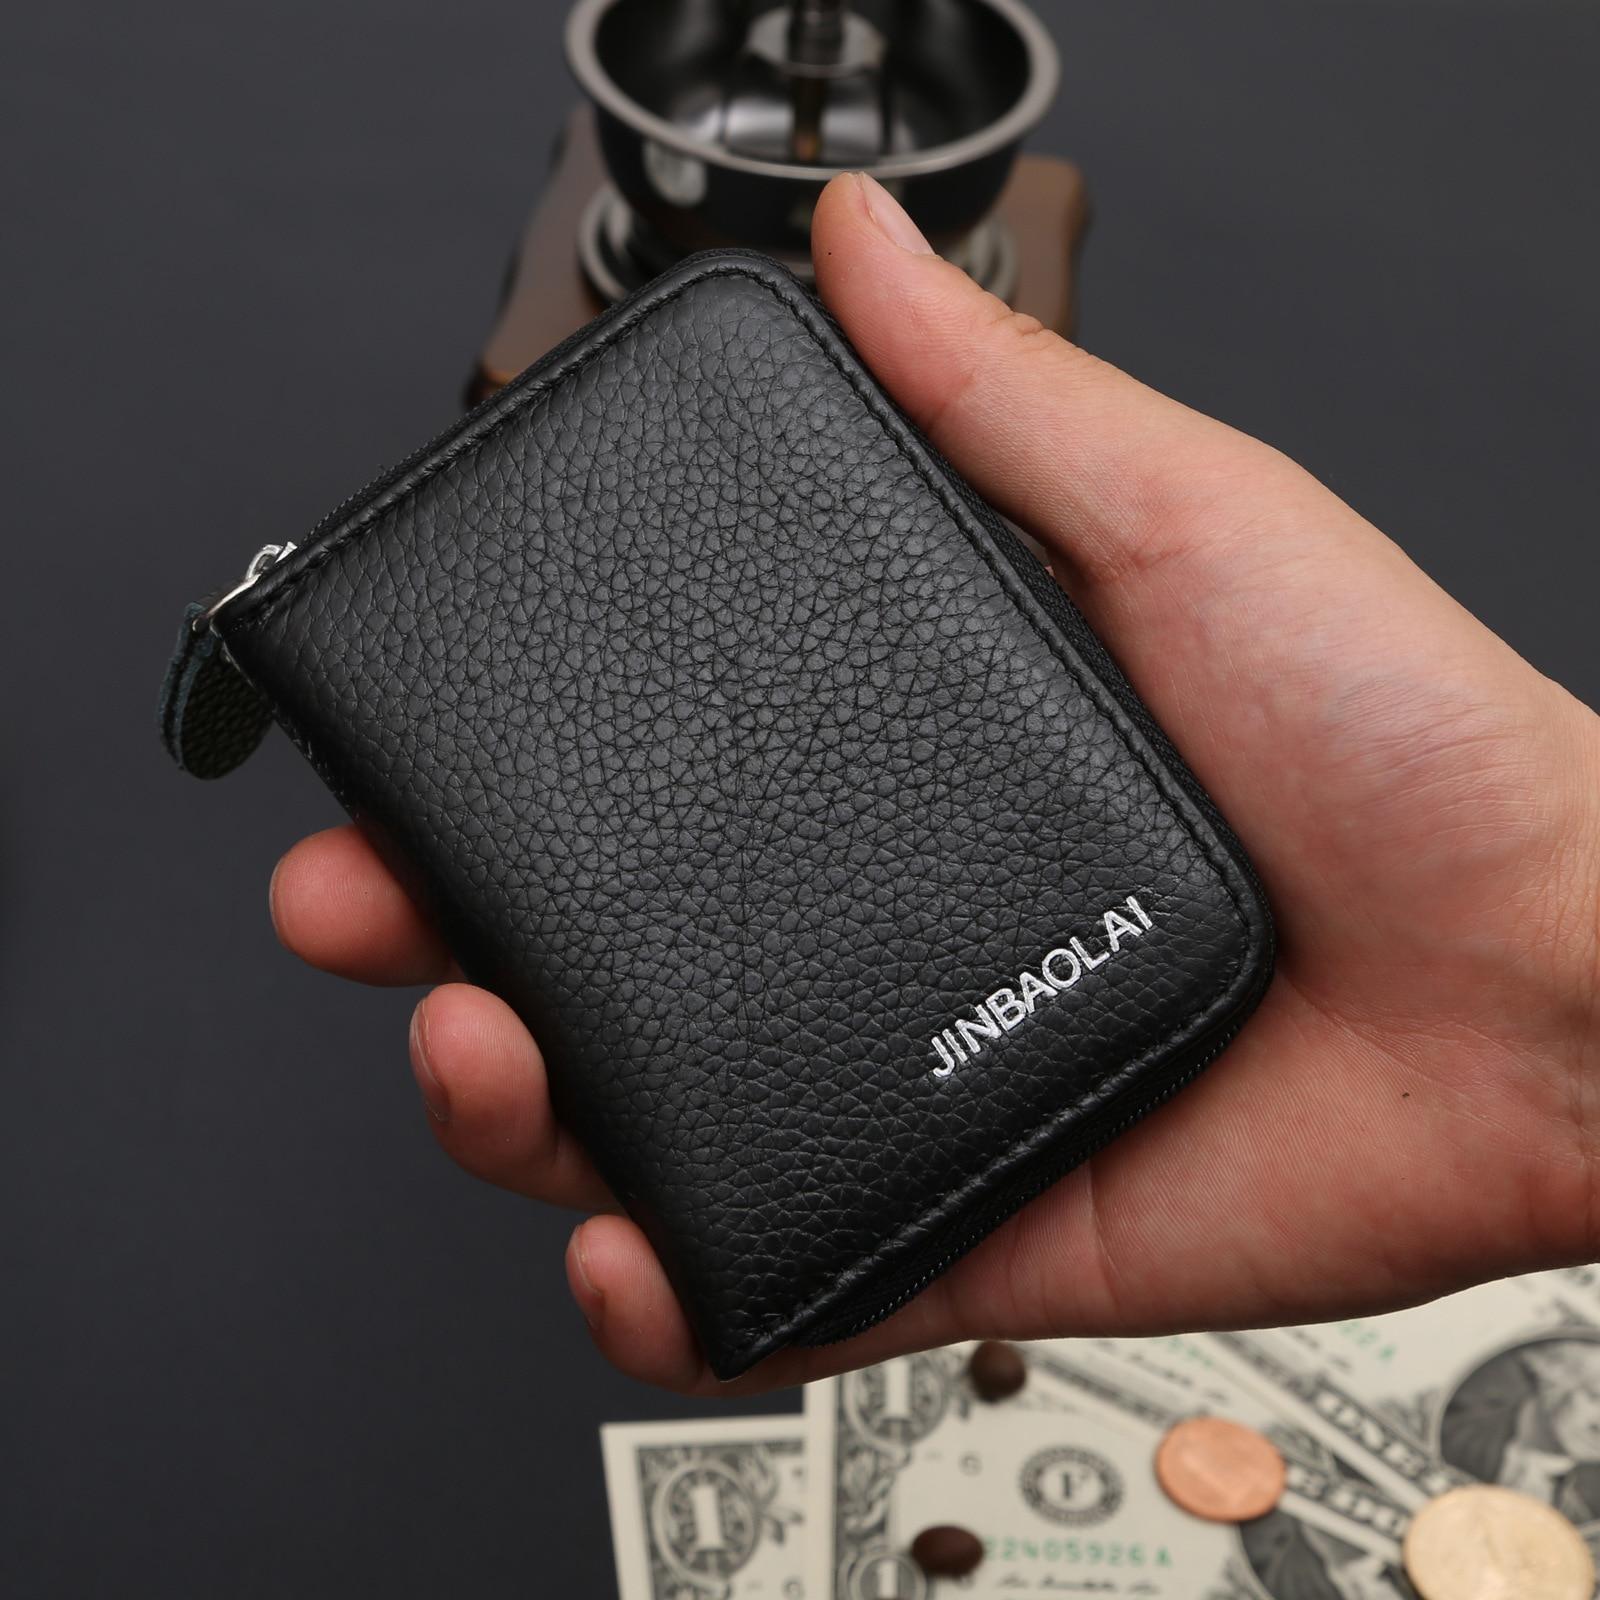 20fb7c9ec10b 100% Genuine Leather Men Wallet Brand Luxury Fashion Casual Purse Money ID  Card Holder Male Clutch Bag thin Short Wallets GB8042